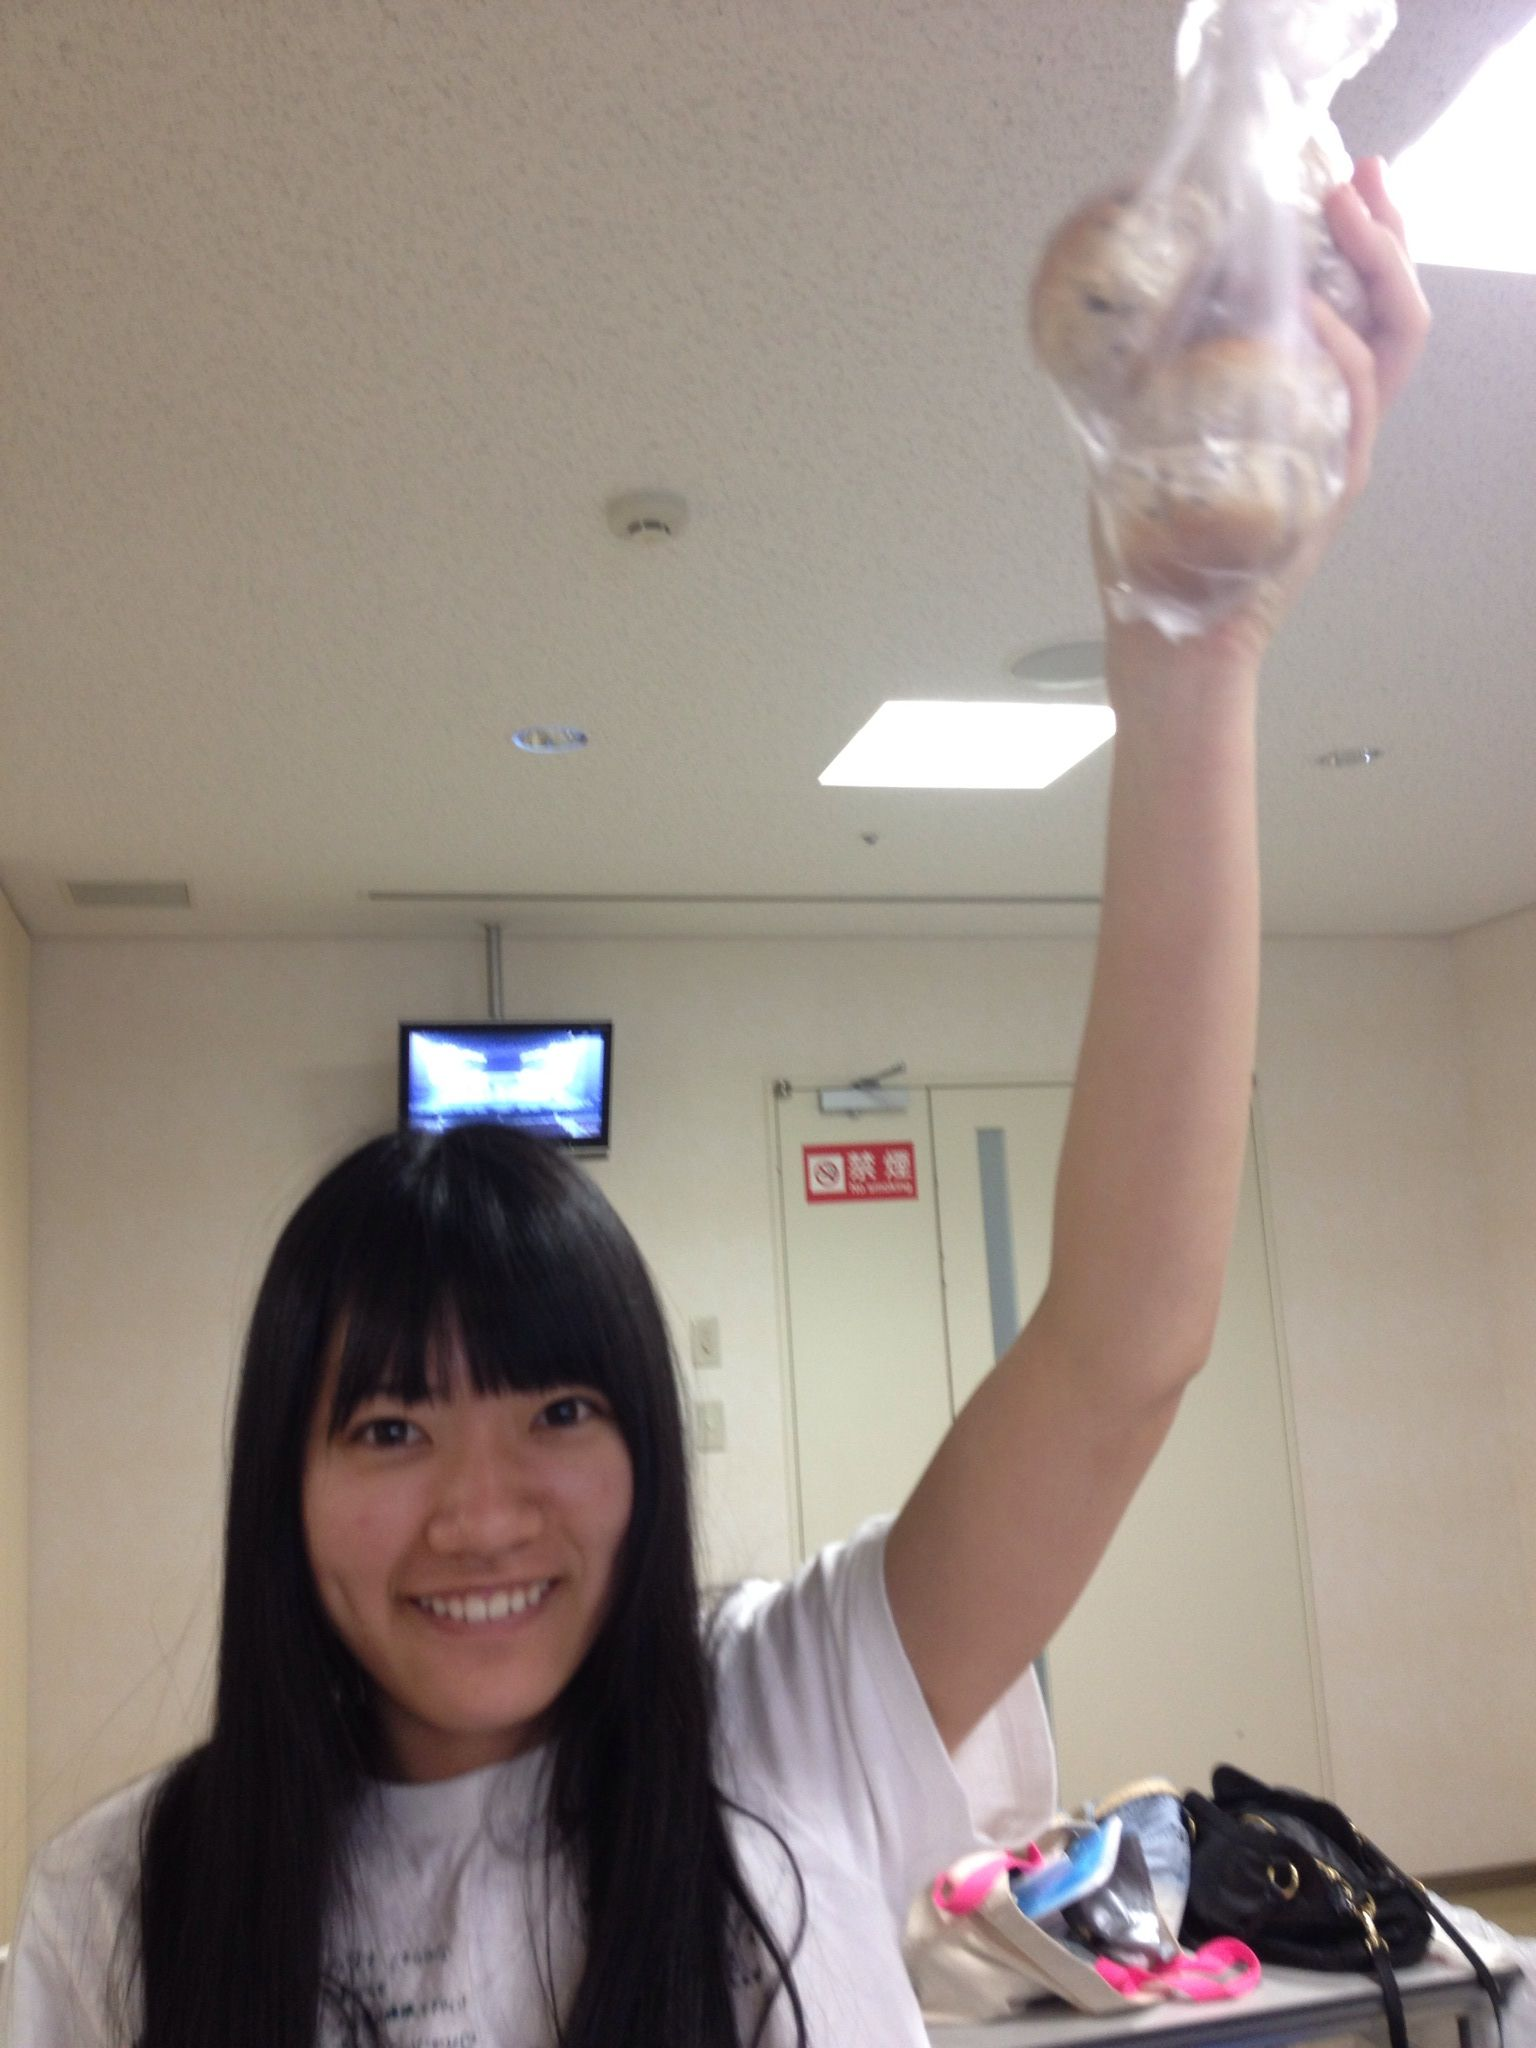 小林亜実 : 自撮りでごまかされない!AKB48「すっぴん」画像集 - NAVER ...